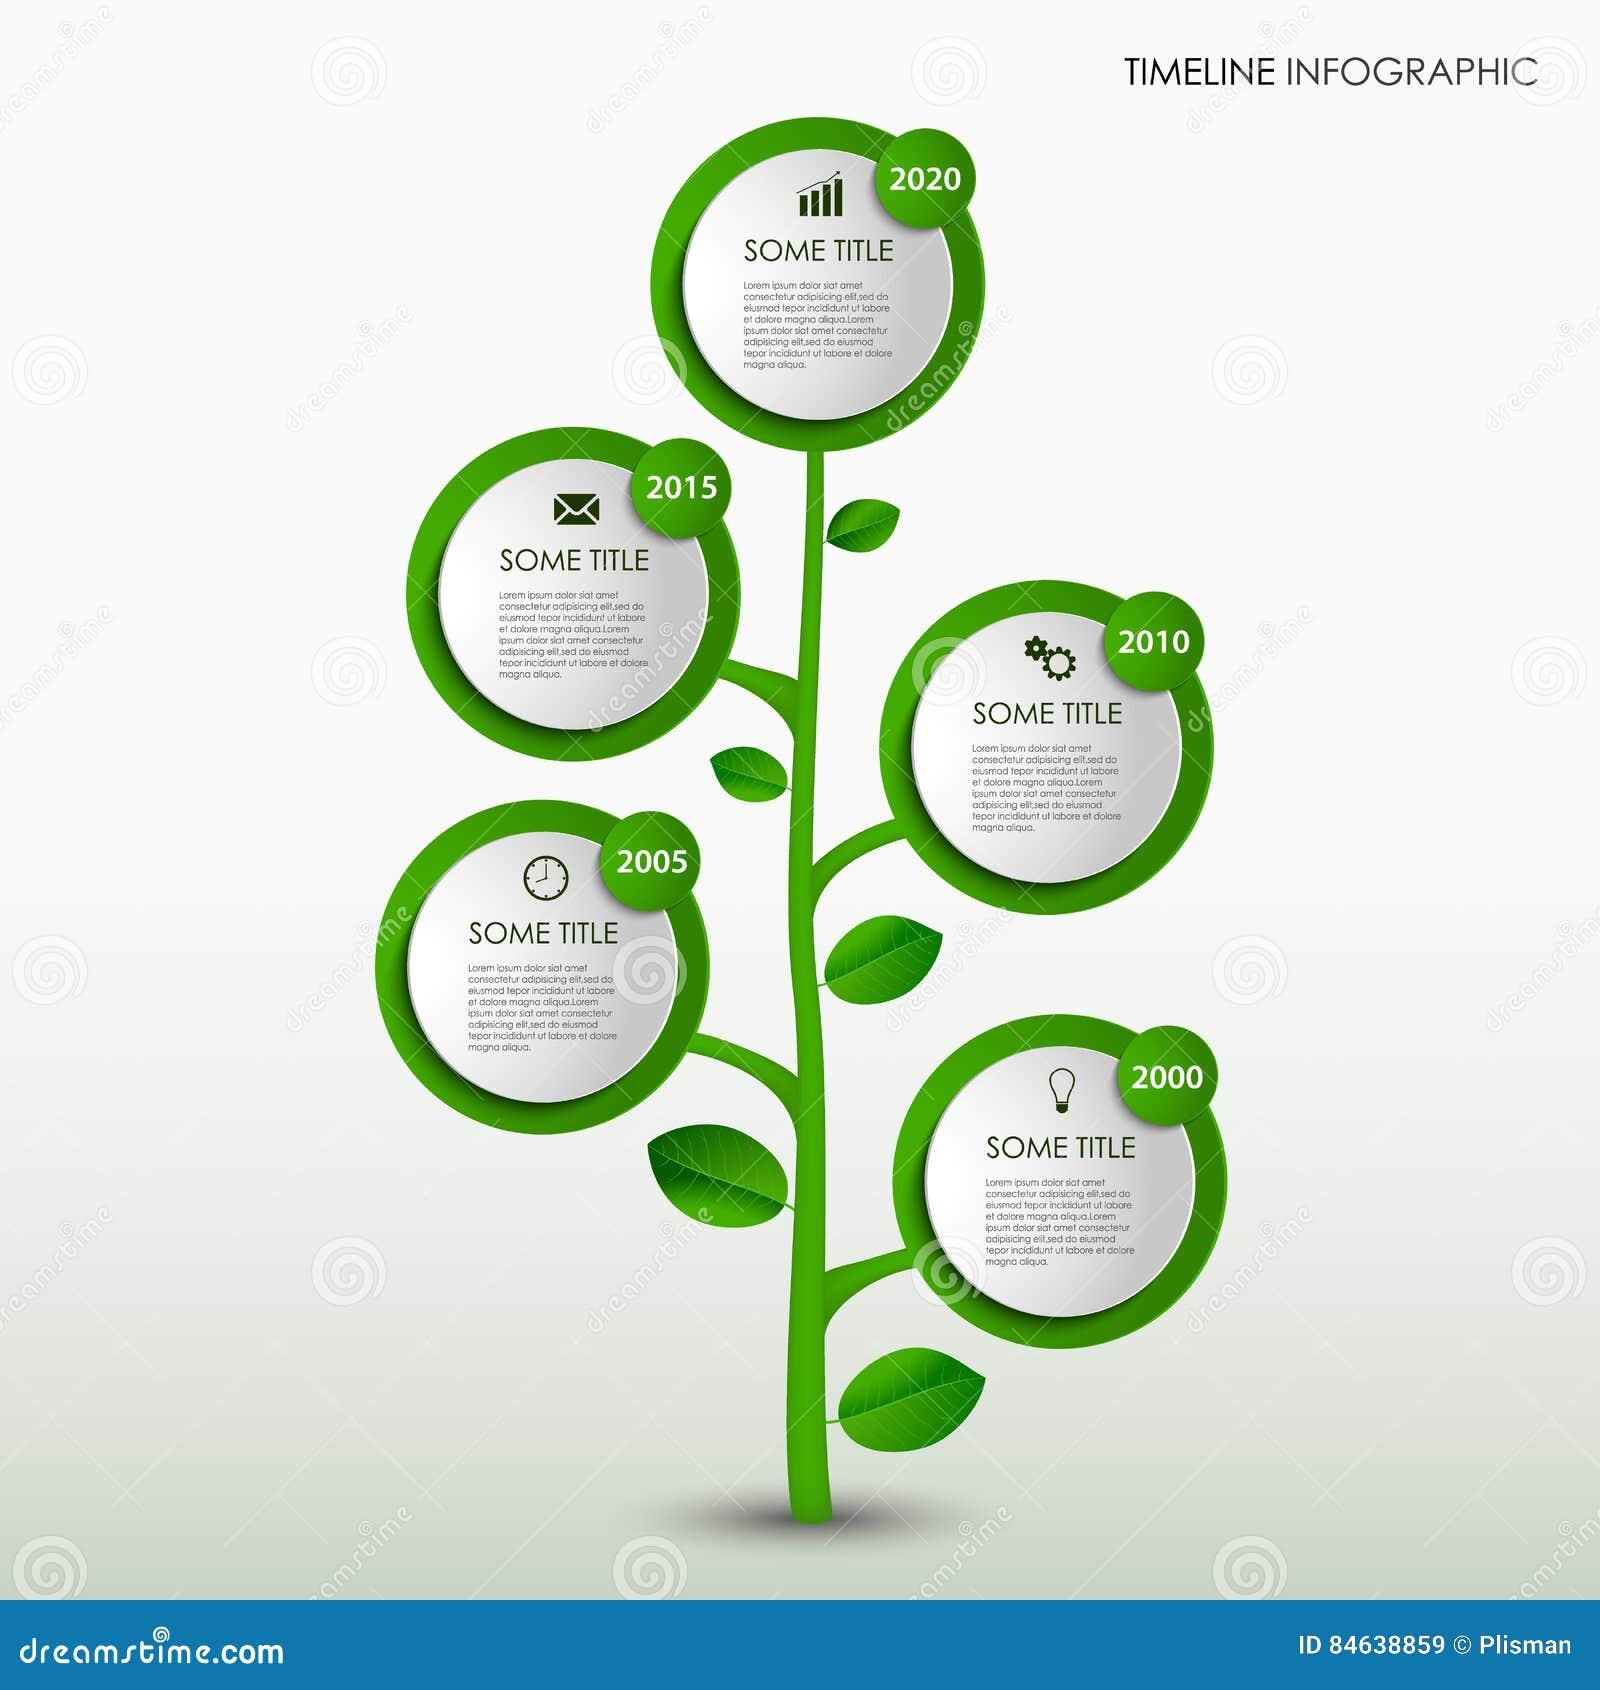 De informatie van de tijdlijn grafisch met het abstracte malplaatje van de ontwerp groene boom